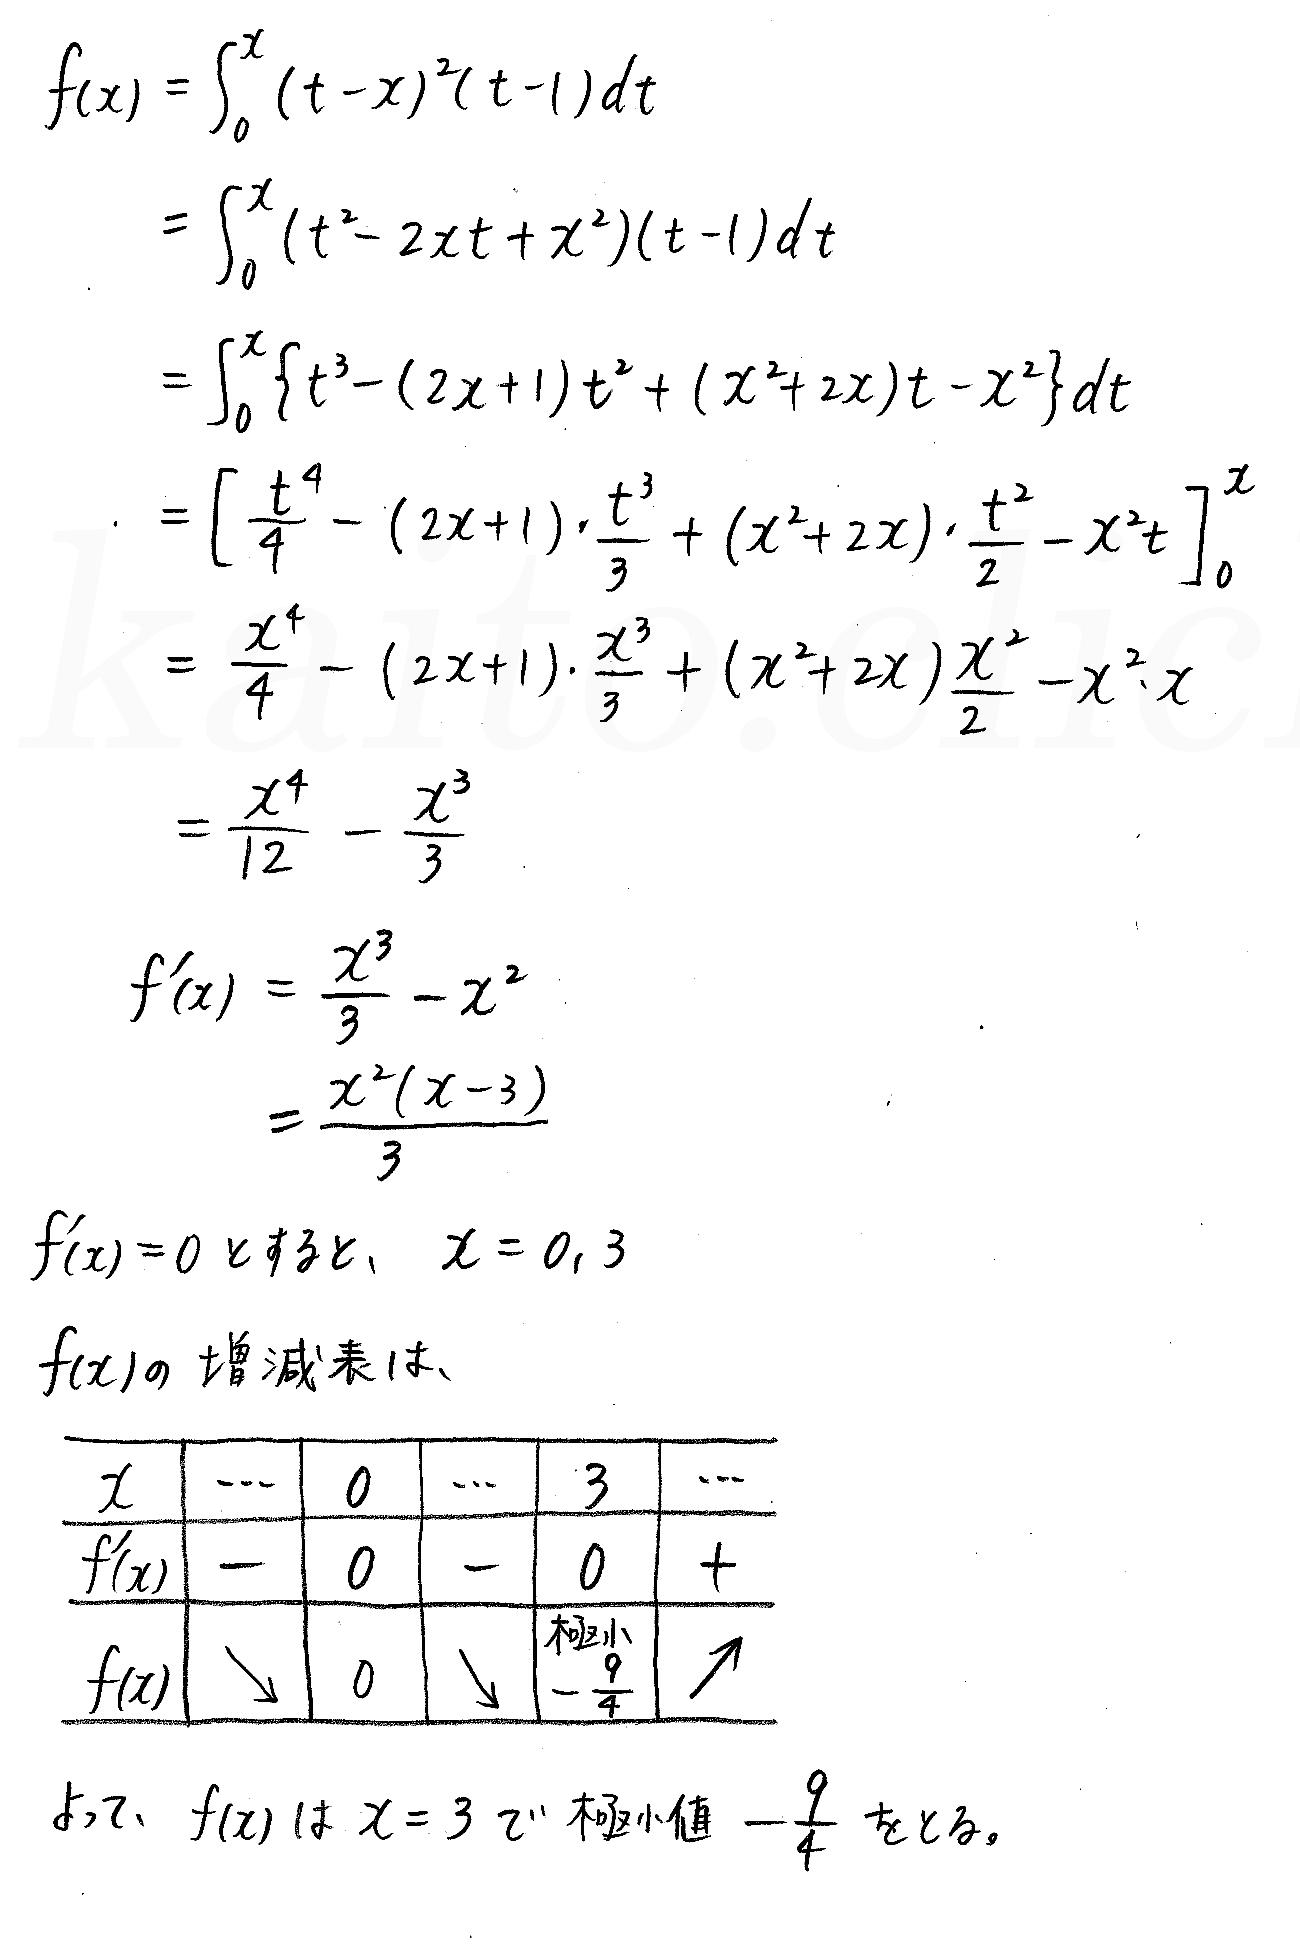 クリアー数学2-494解答